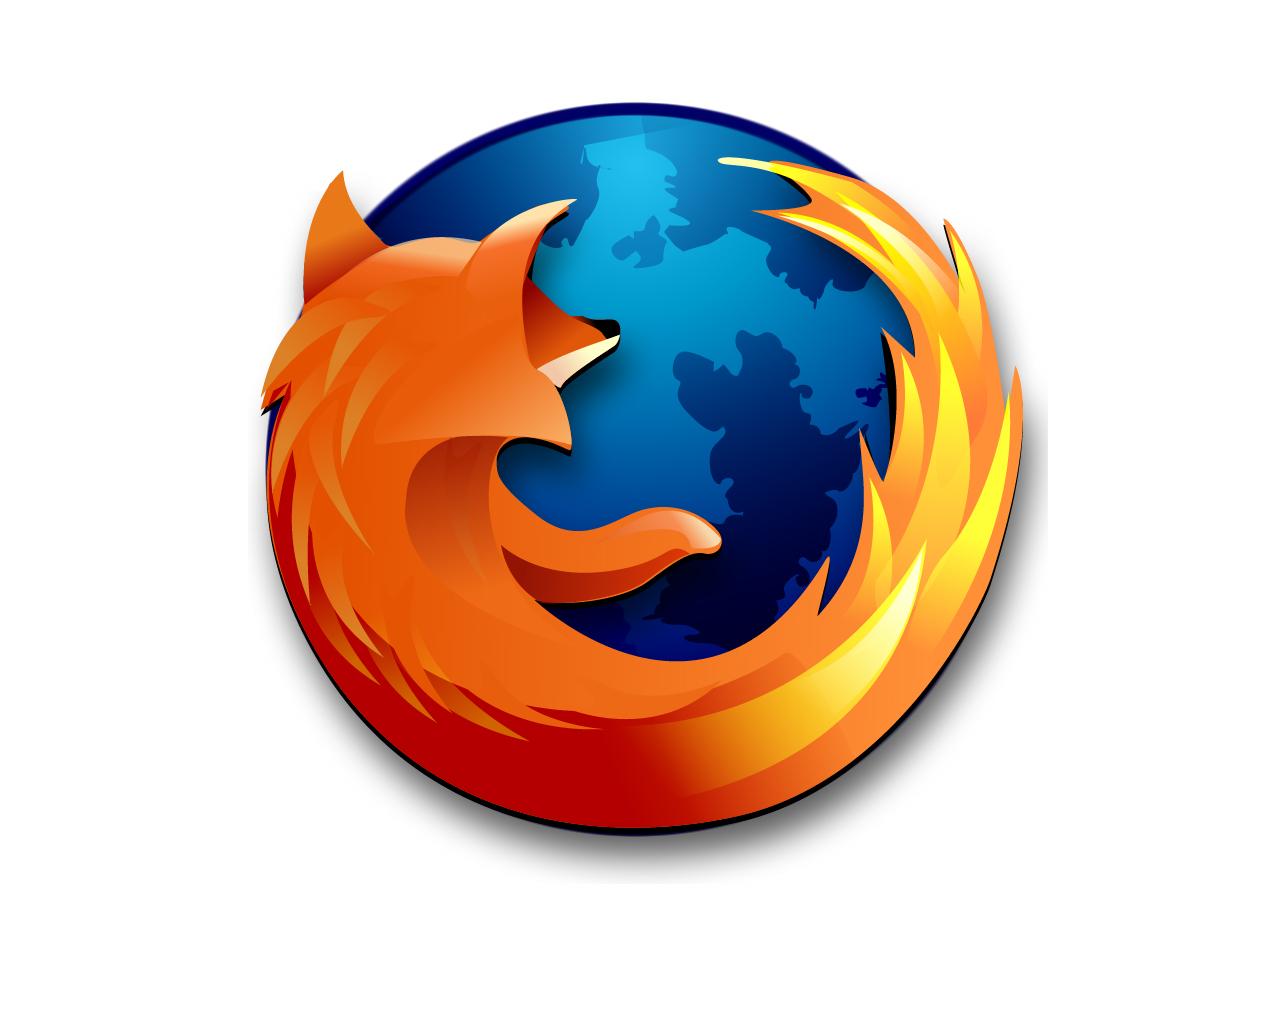 Končni Firefox 3.6 bo bogatejši še za funkcionalnost samodejnega zaznavanja položaja prenosnikov in drugih mobilnih naprav.